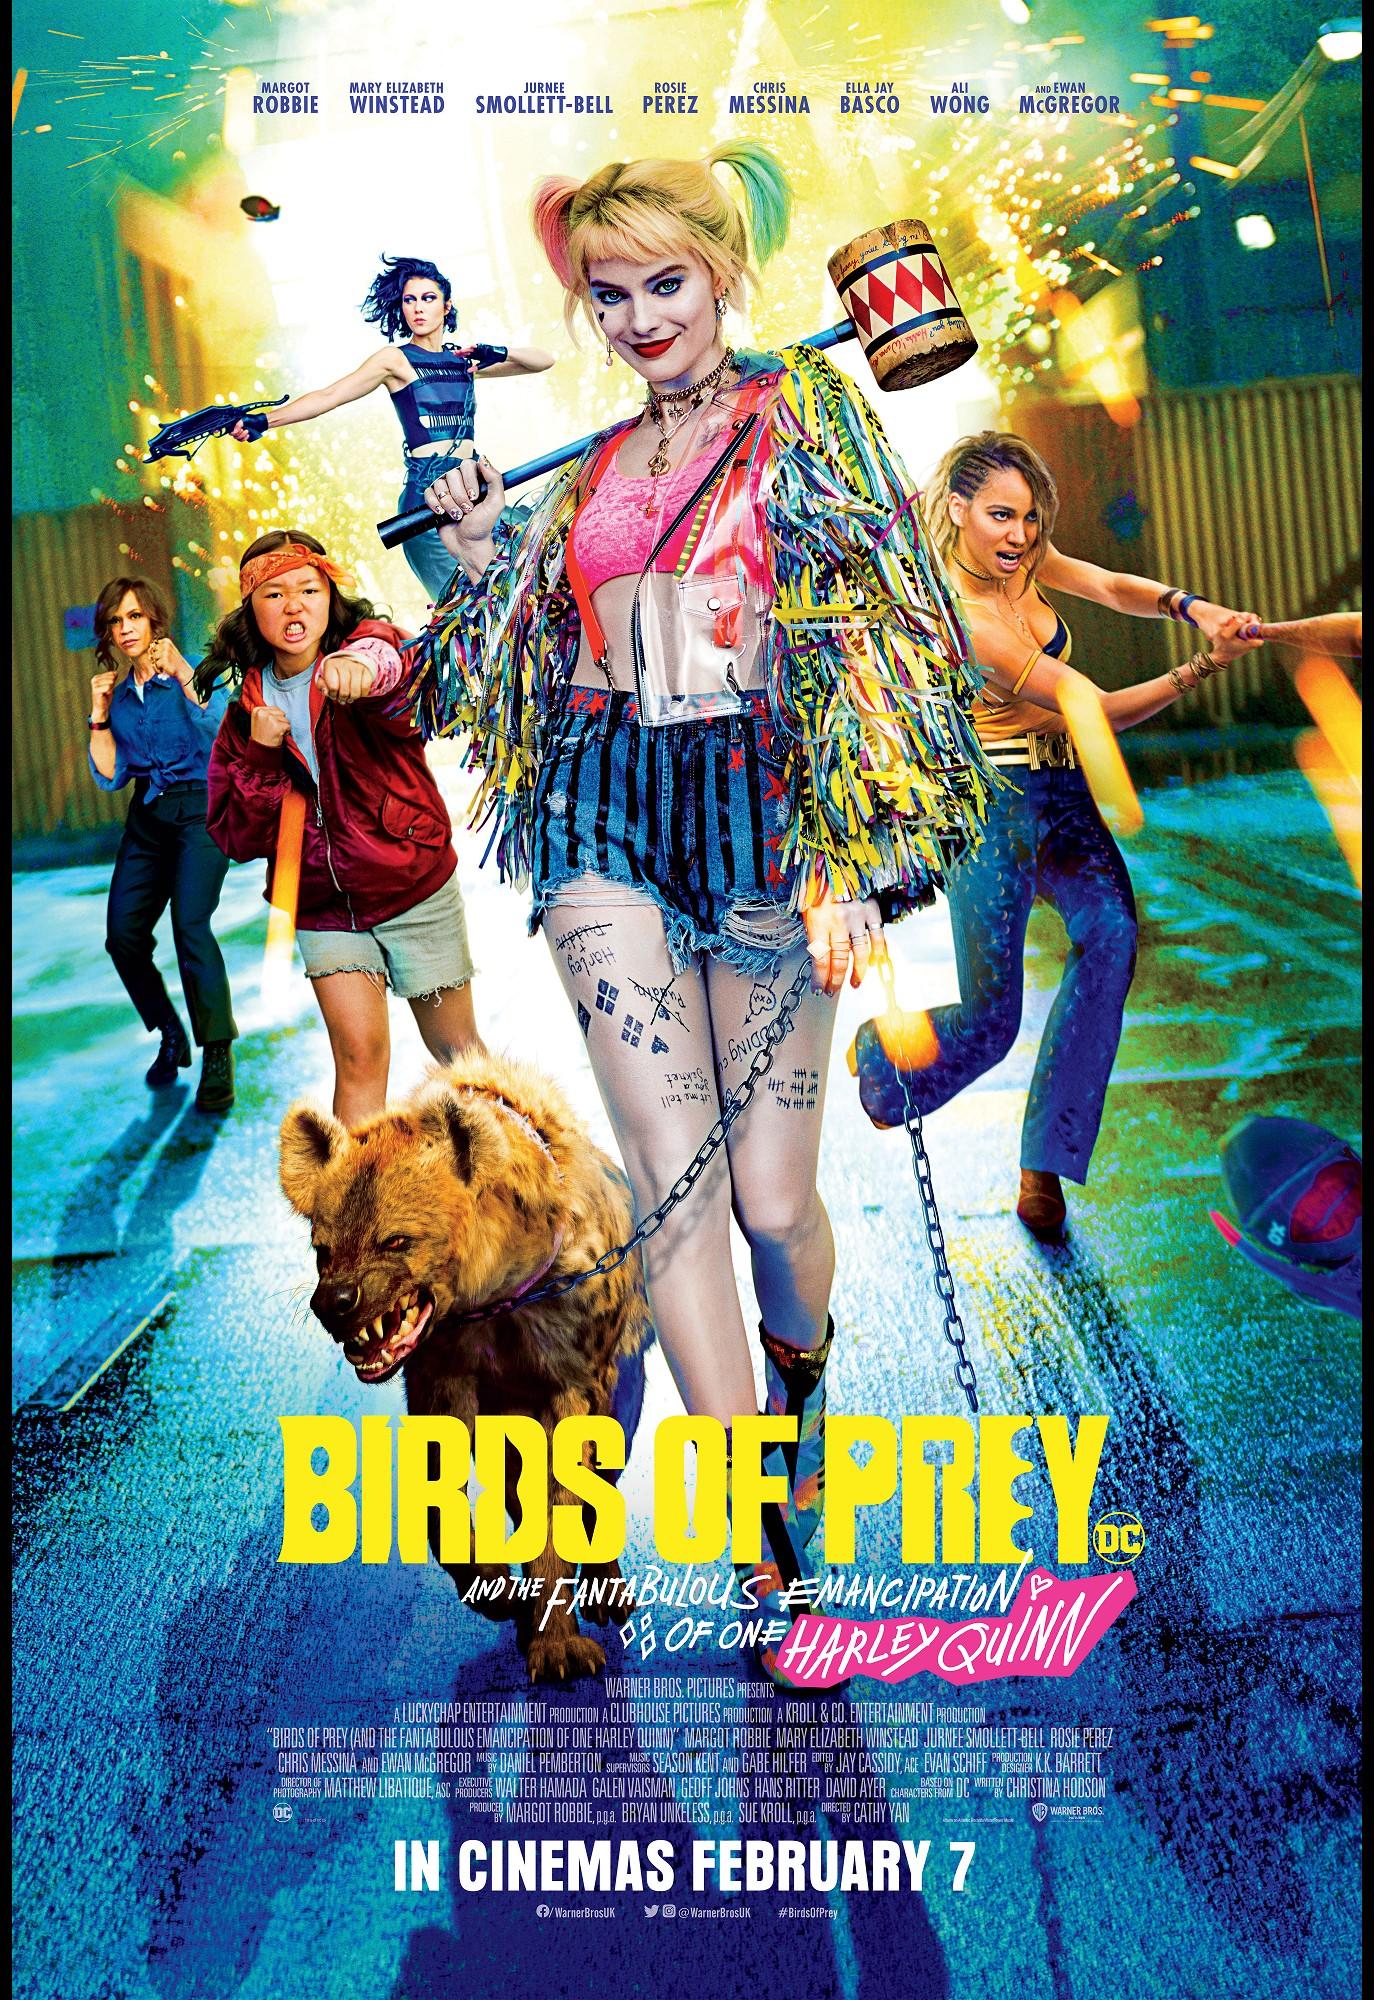 Birds of Prey... Harley Quinn